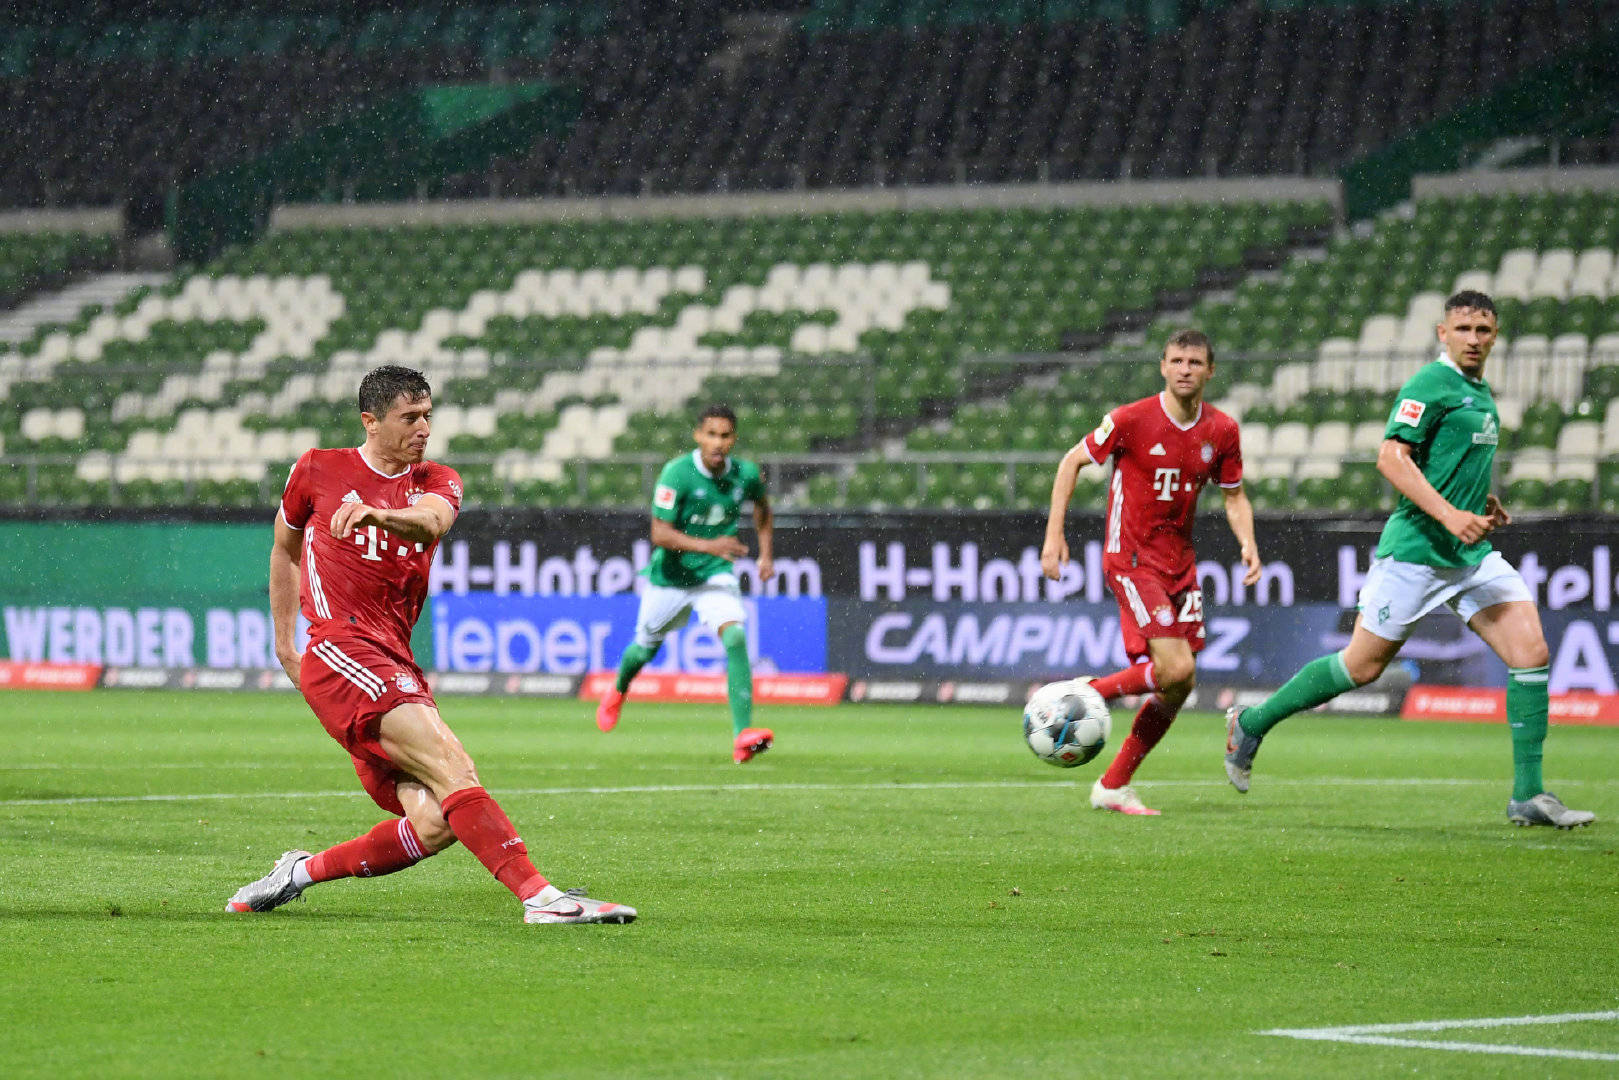 ,德甲第32轮开打,不莱梅主场迎战拜仁。在目前的积分榜上